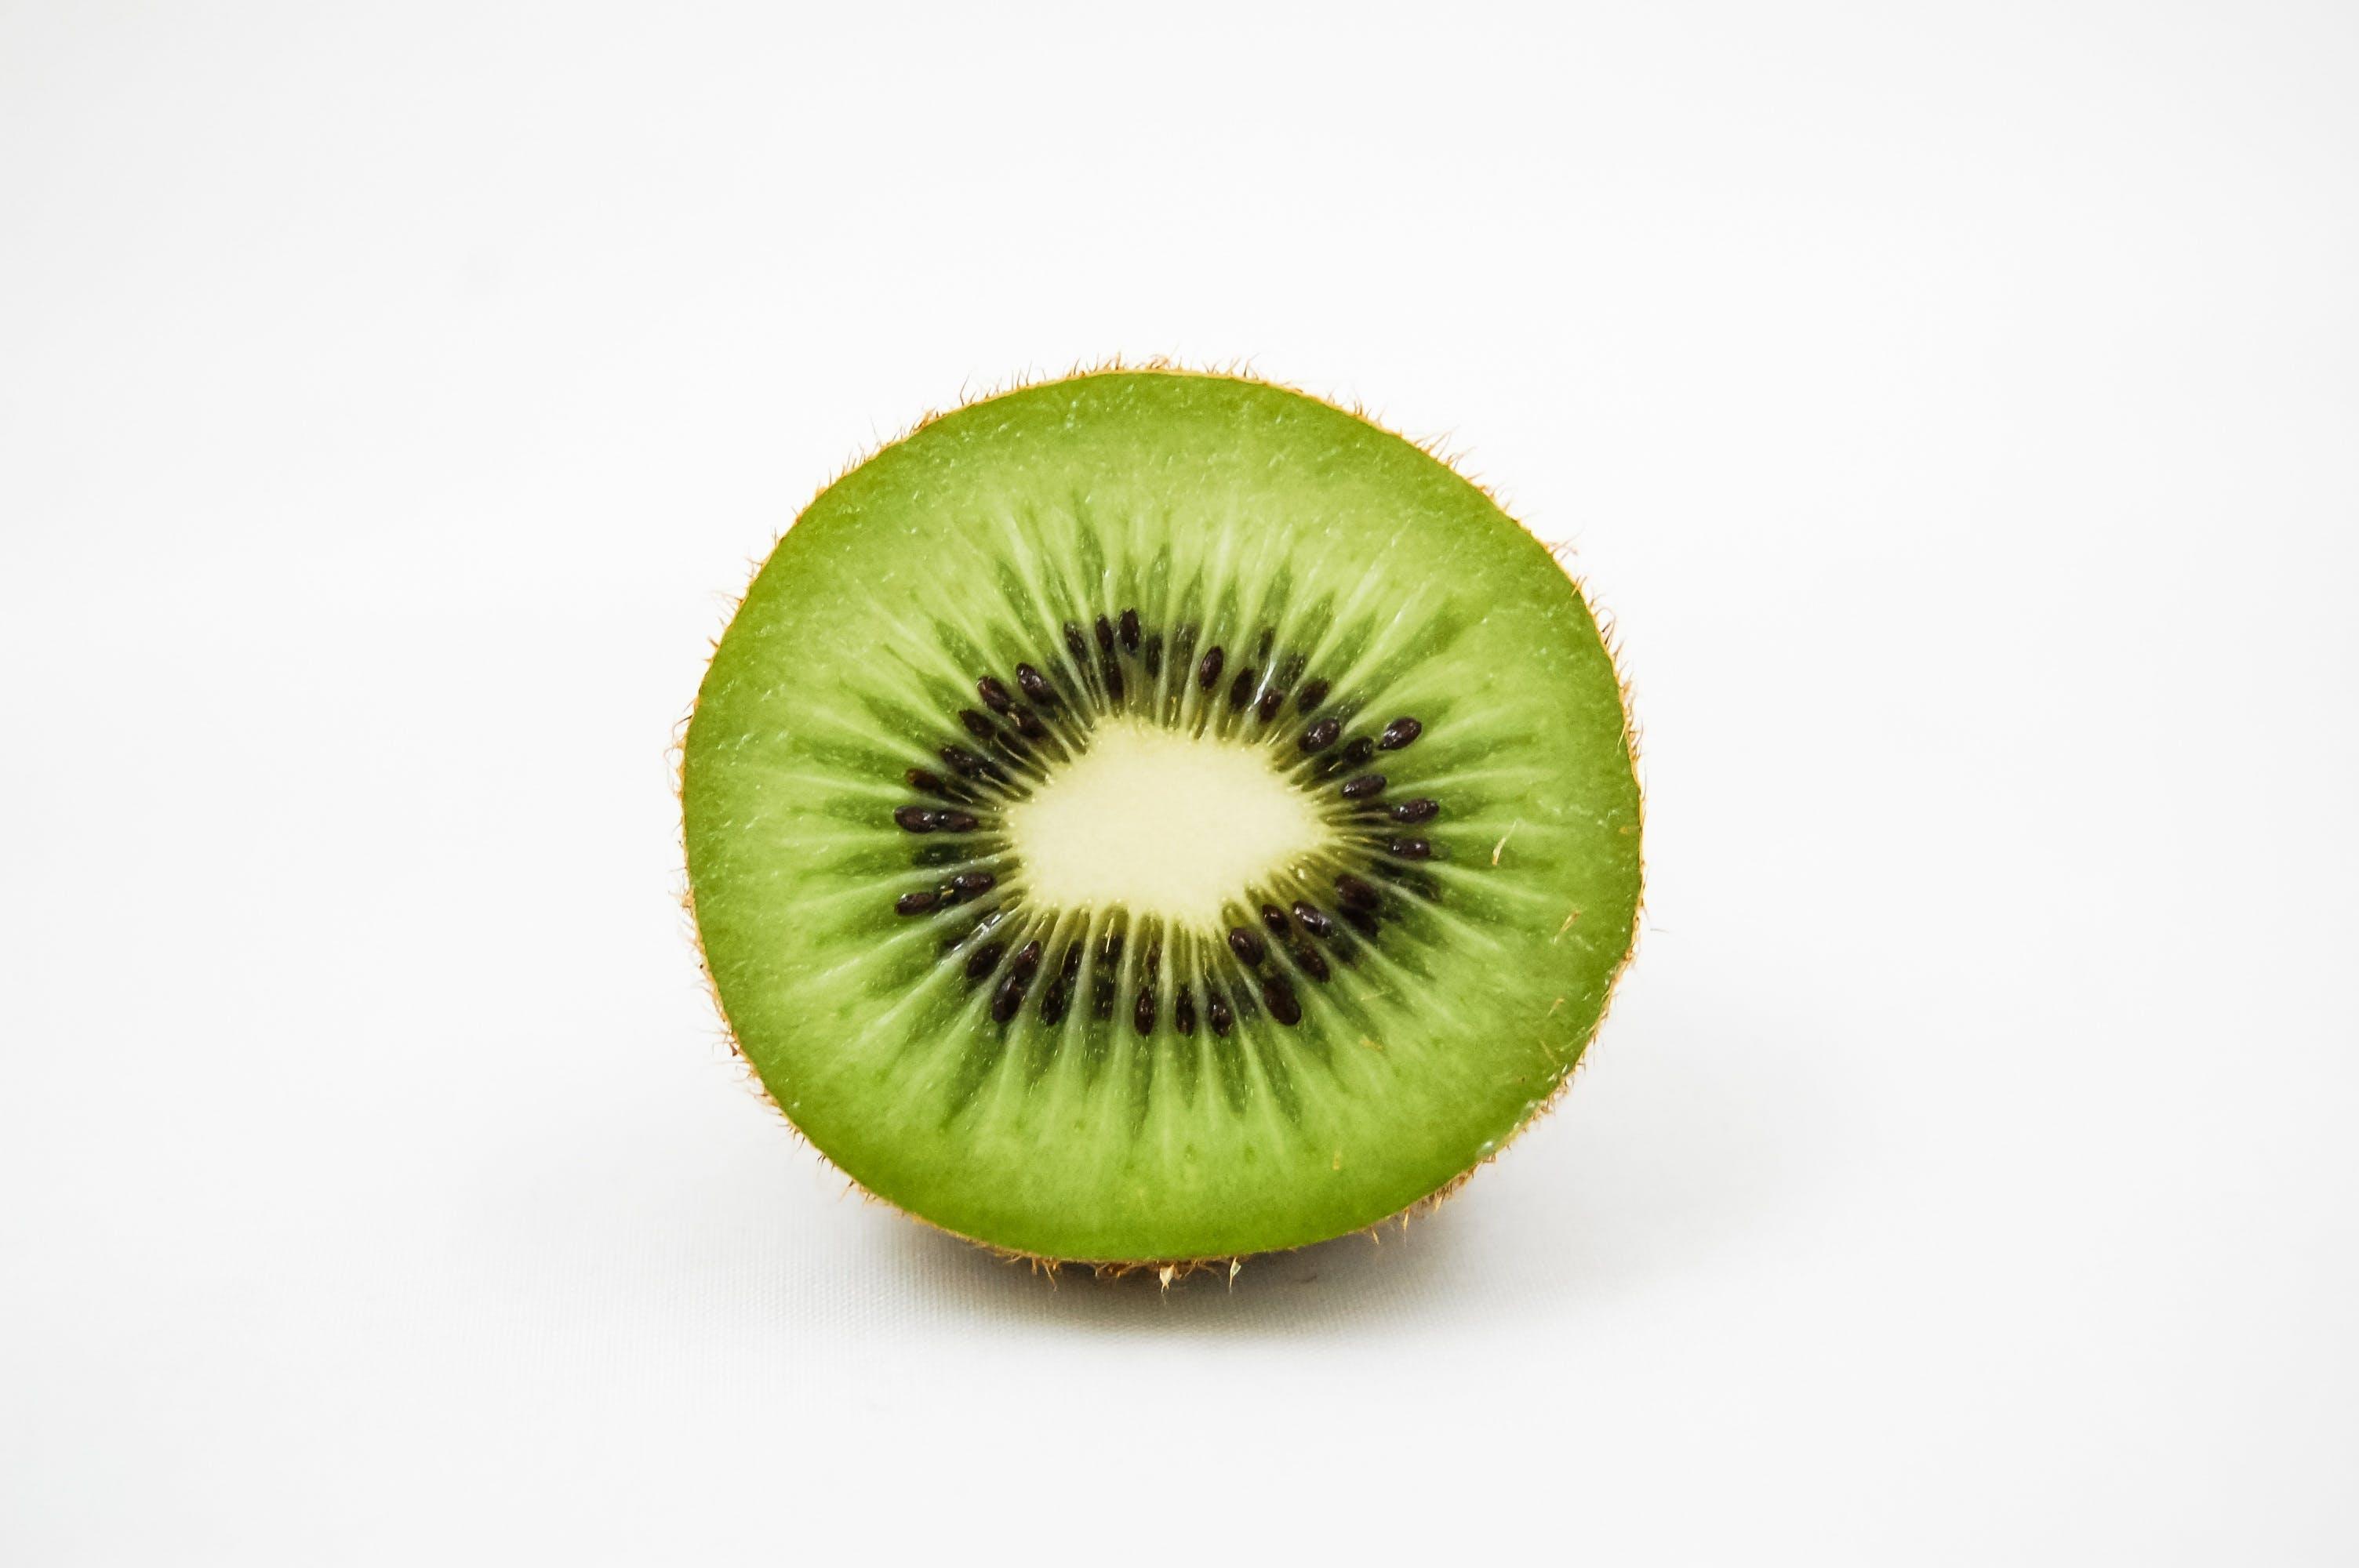 еда, зеленый, киви